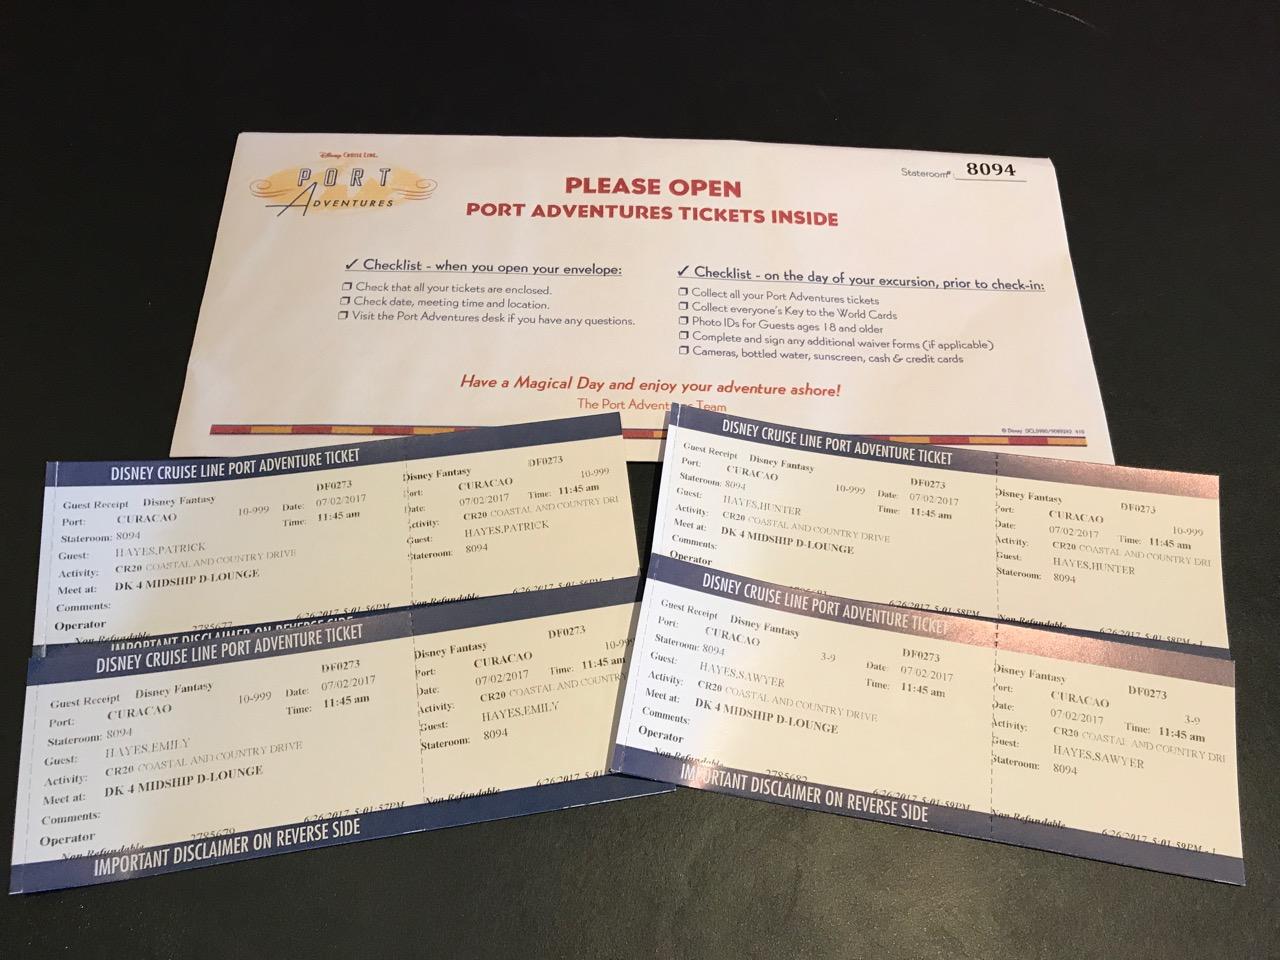 Disney Fantasy Curacao - Port Adventure Tickets